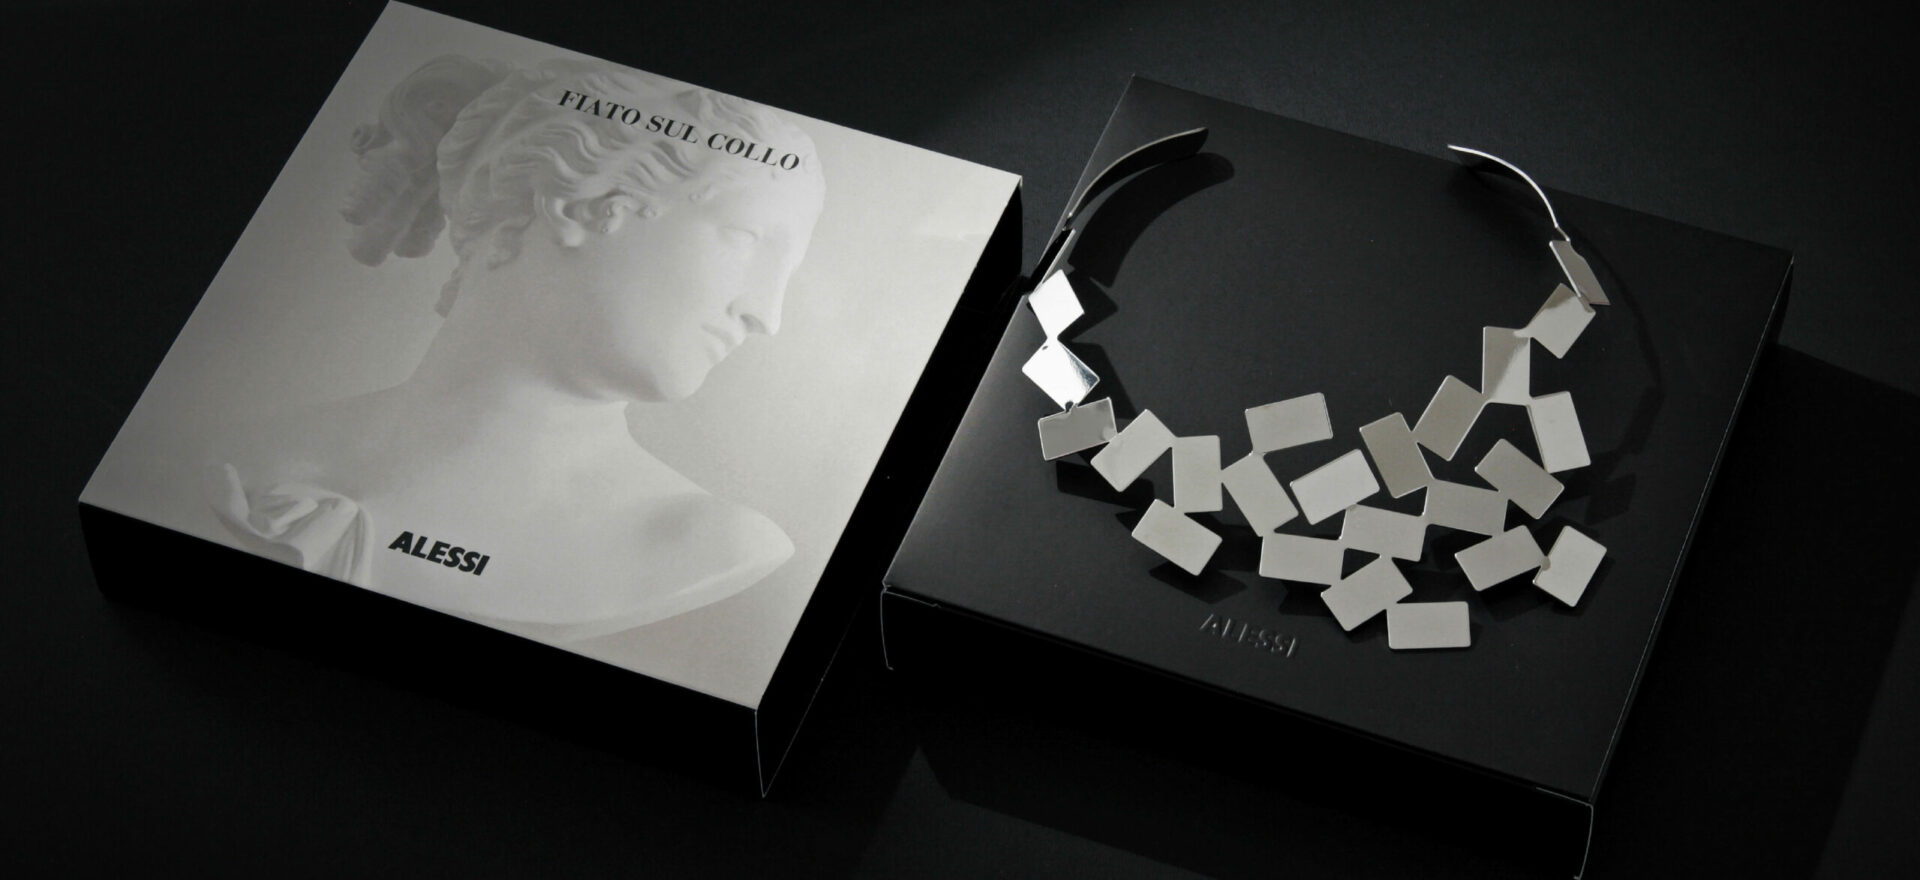 Fiato sul collo_Alessi_Jewelry_packaging design_Mario Trimarchi Design_Product Artworks